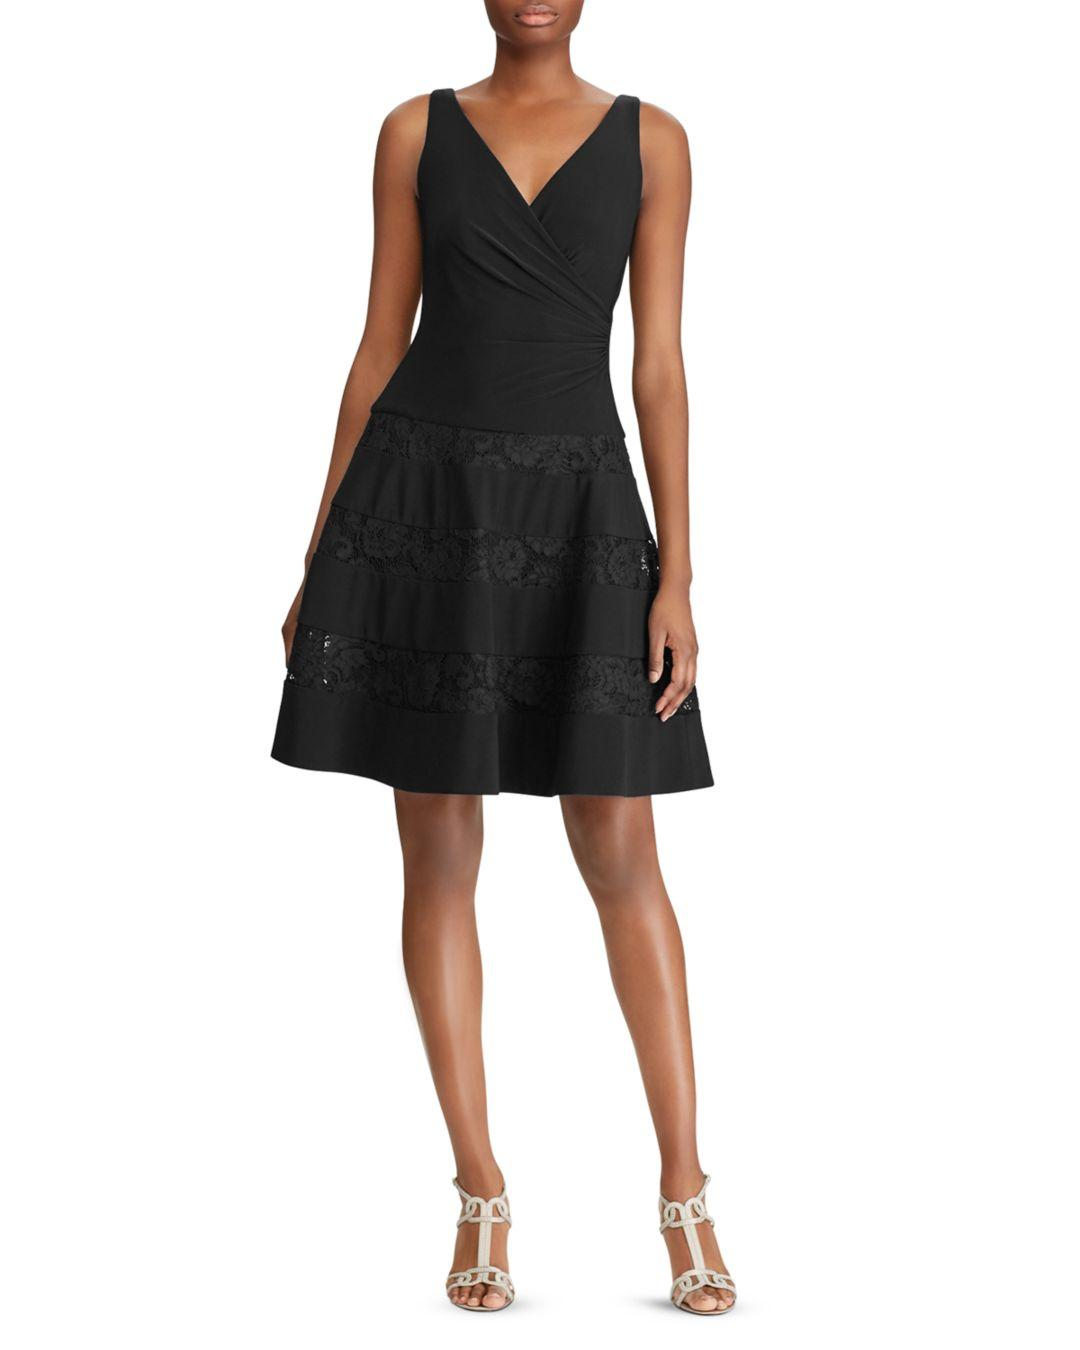 d2eb6905a1a Lyst - Ralph Lauren Lauren Lace-inset Dress in Black